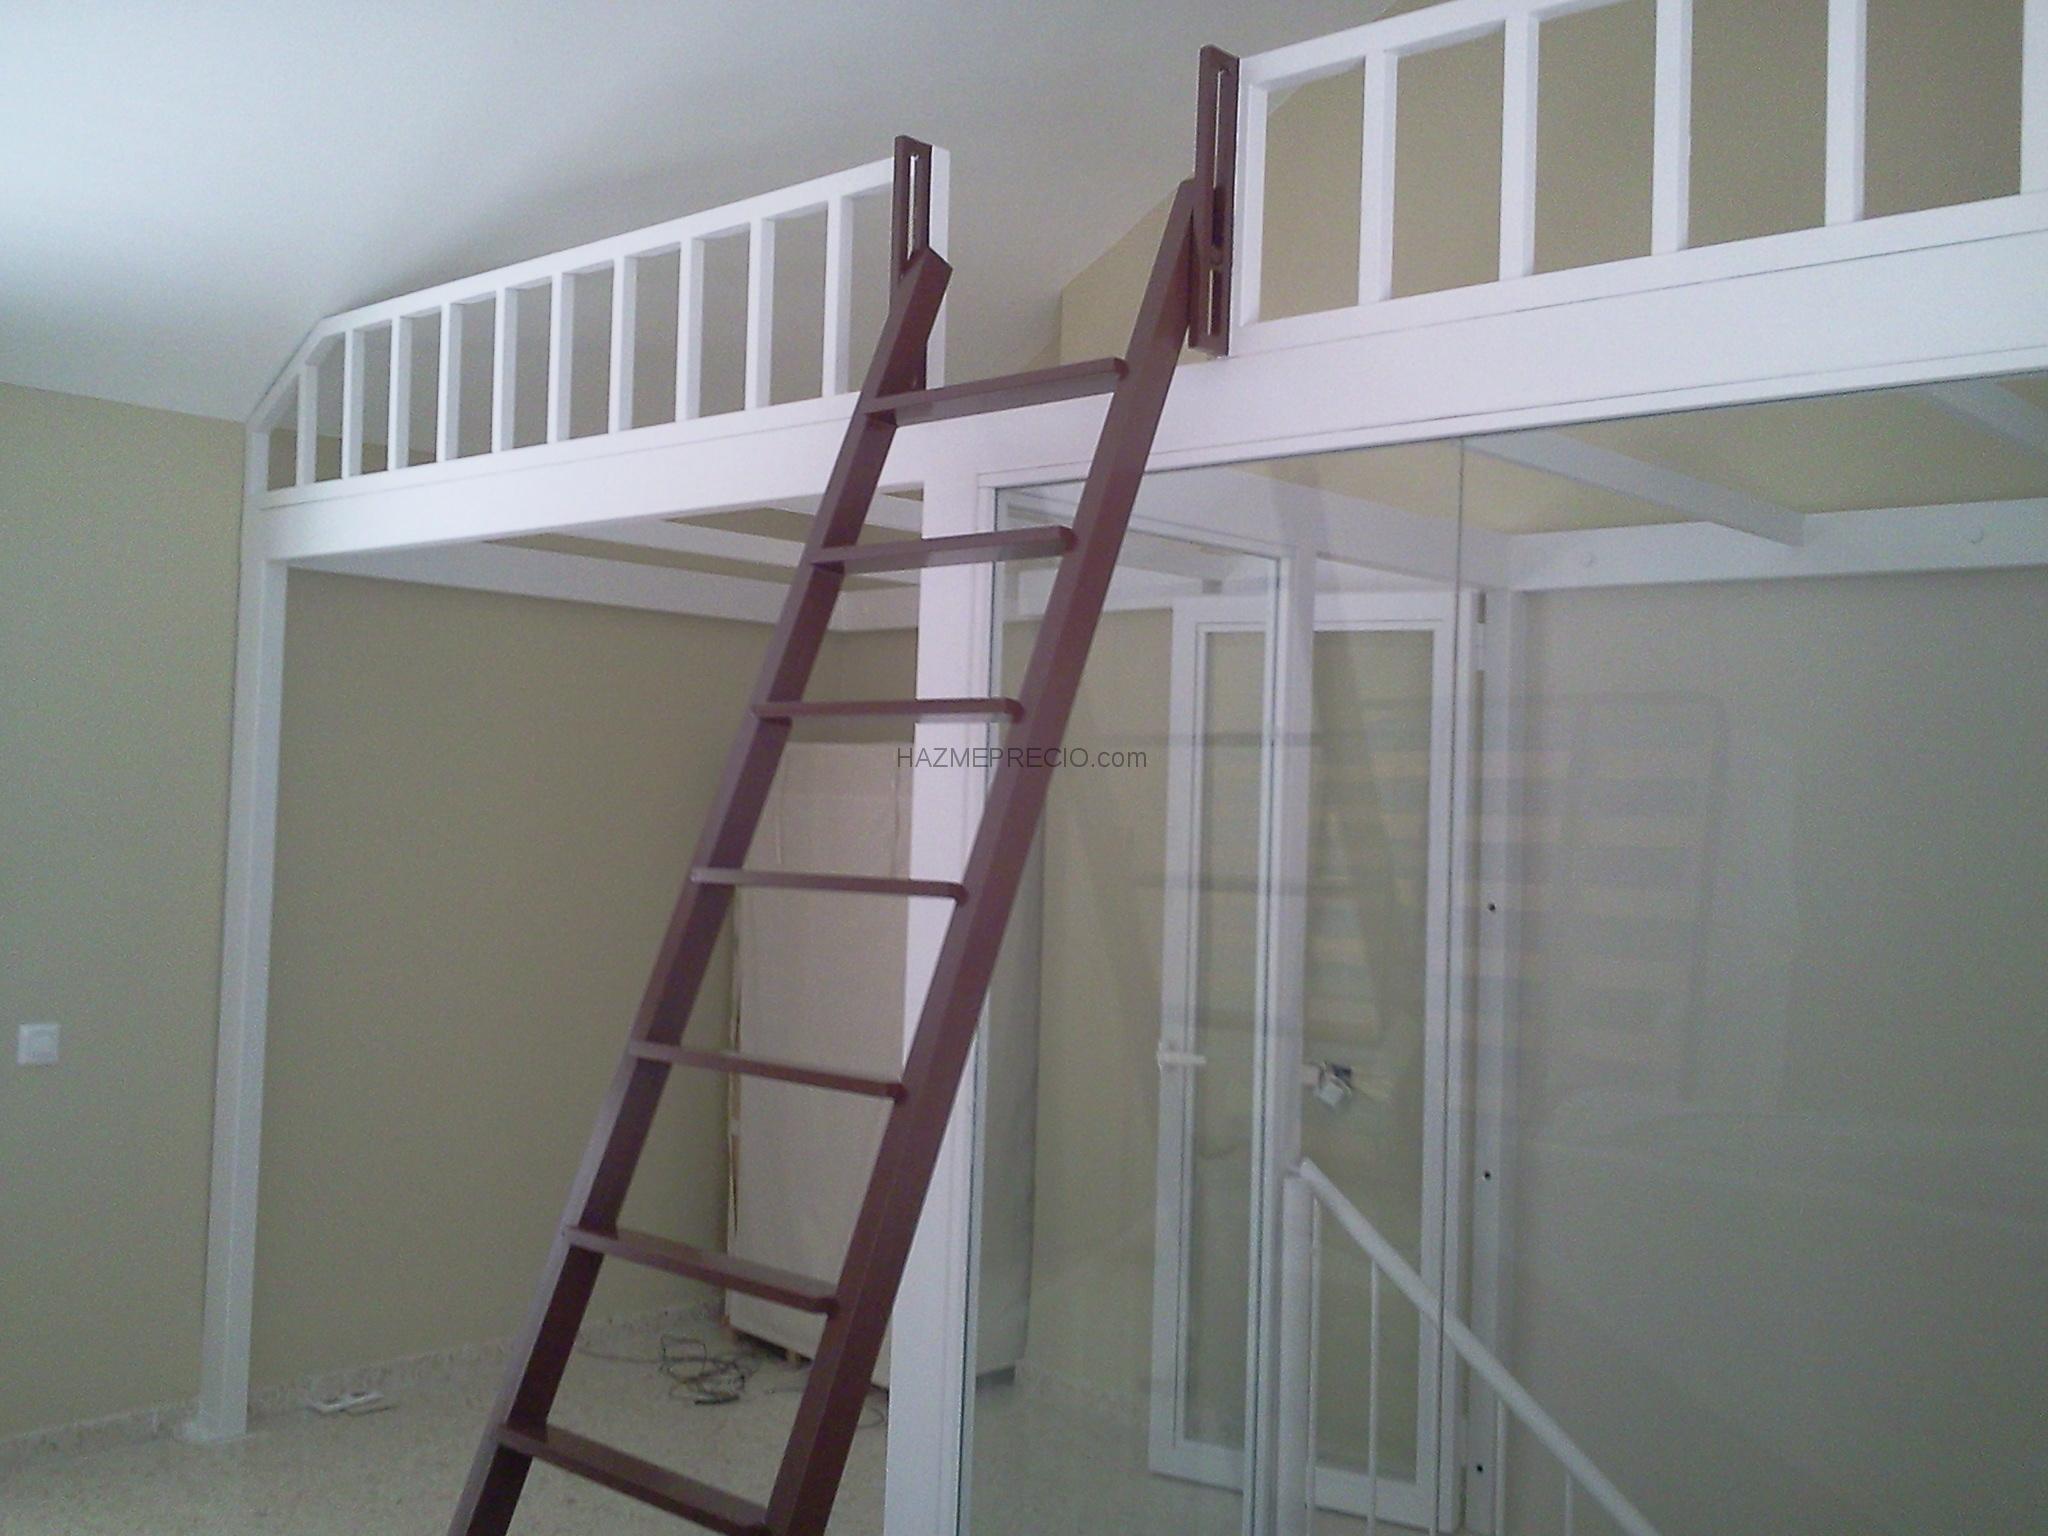 Presupuesto para cambiar ventanas en aluminio y contraventanas en madera sevilla - Presupuesto cambiar ventanas ...